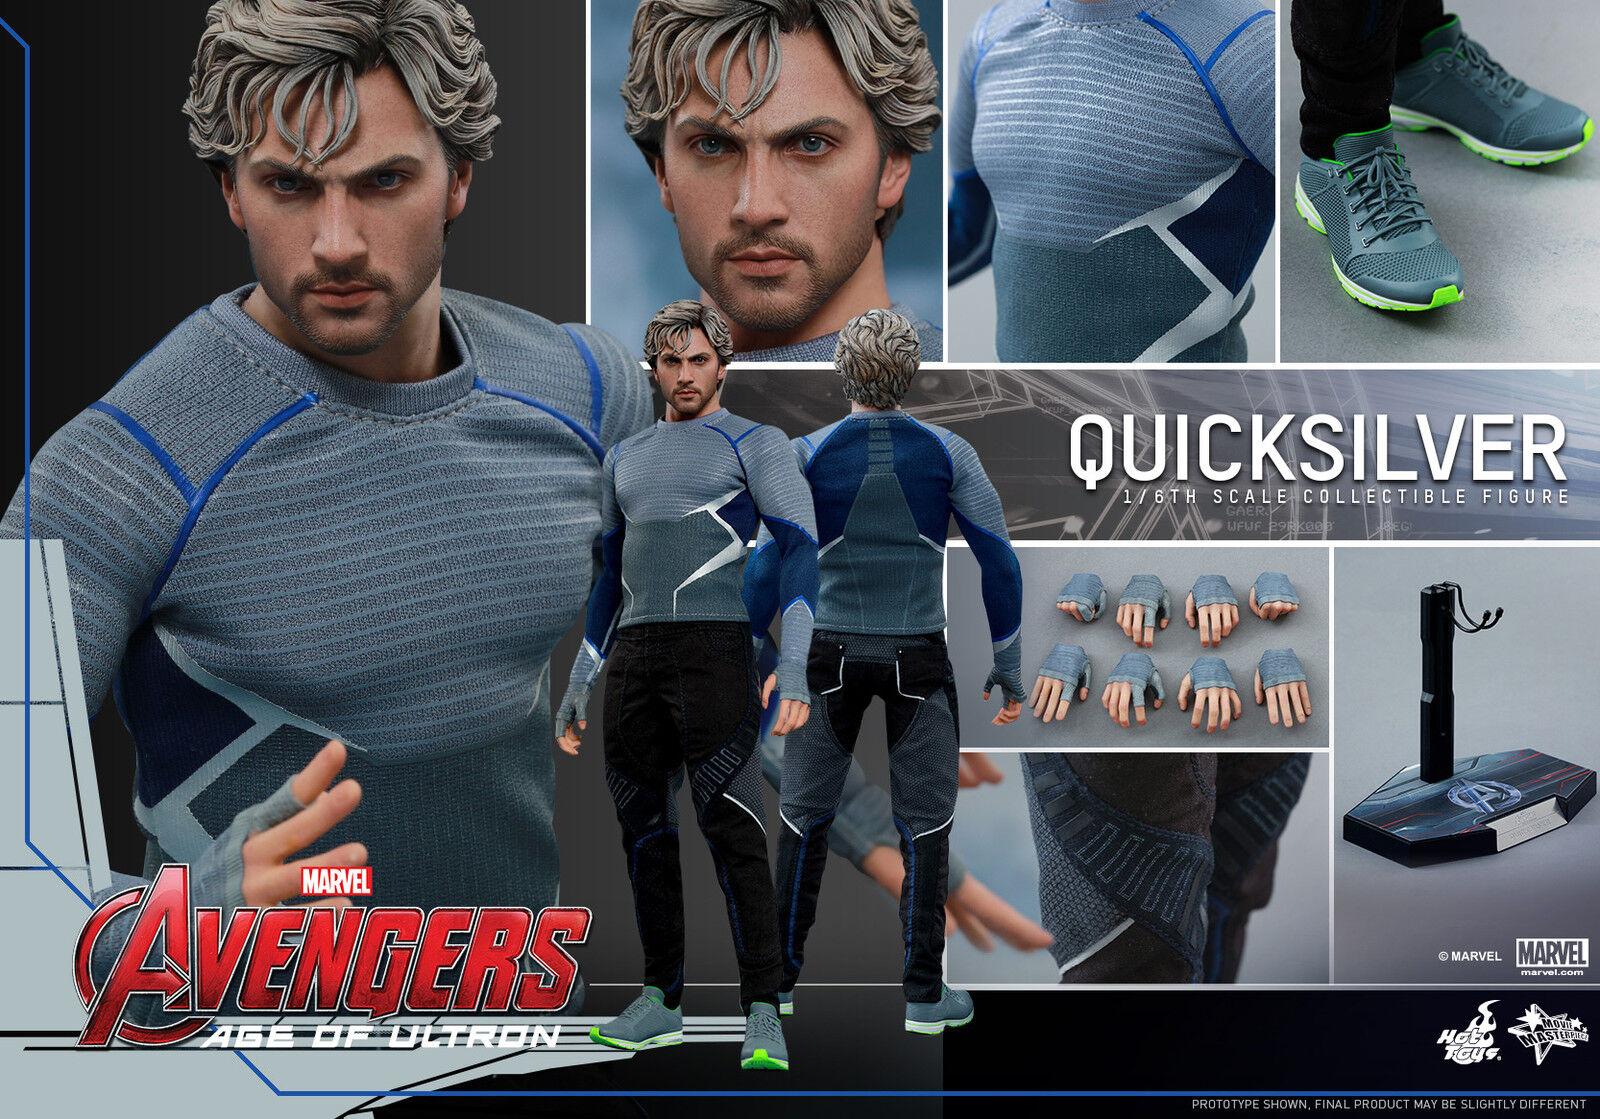 1 6 Hot Juguetes MMS302 Los Vengadores Pietro Maximoff QuickPlata 12  Figura De Acción Nueva